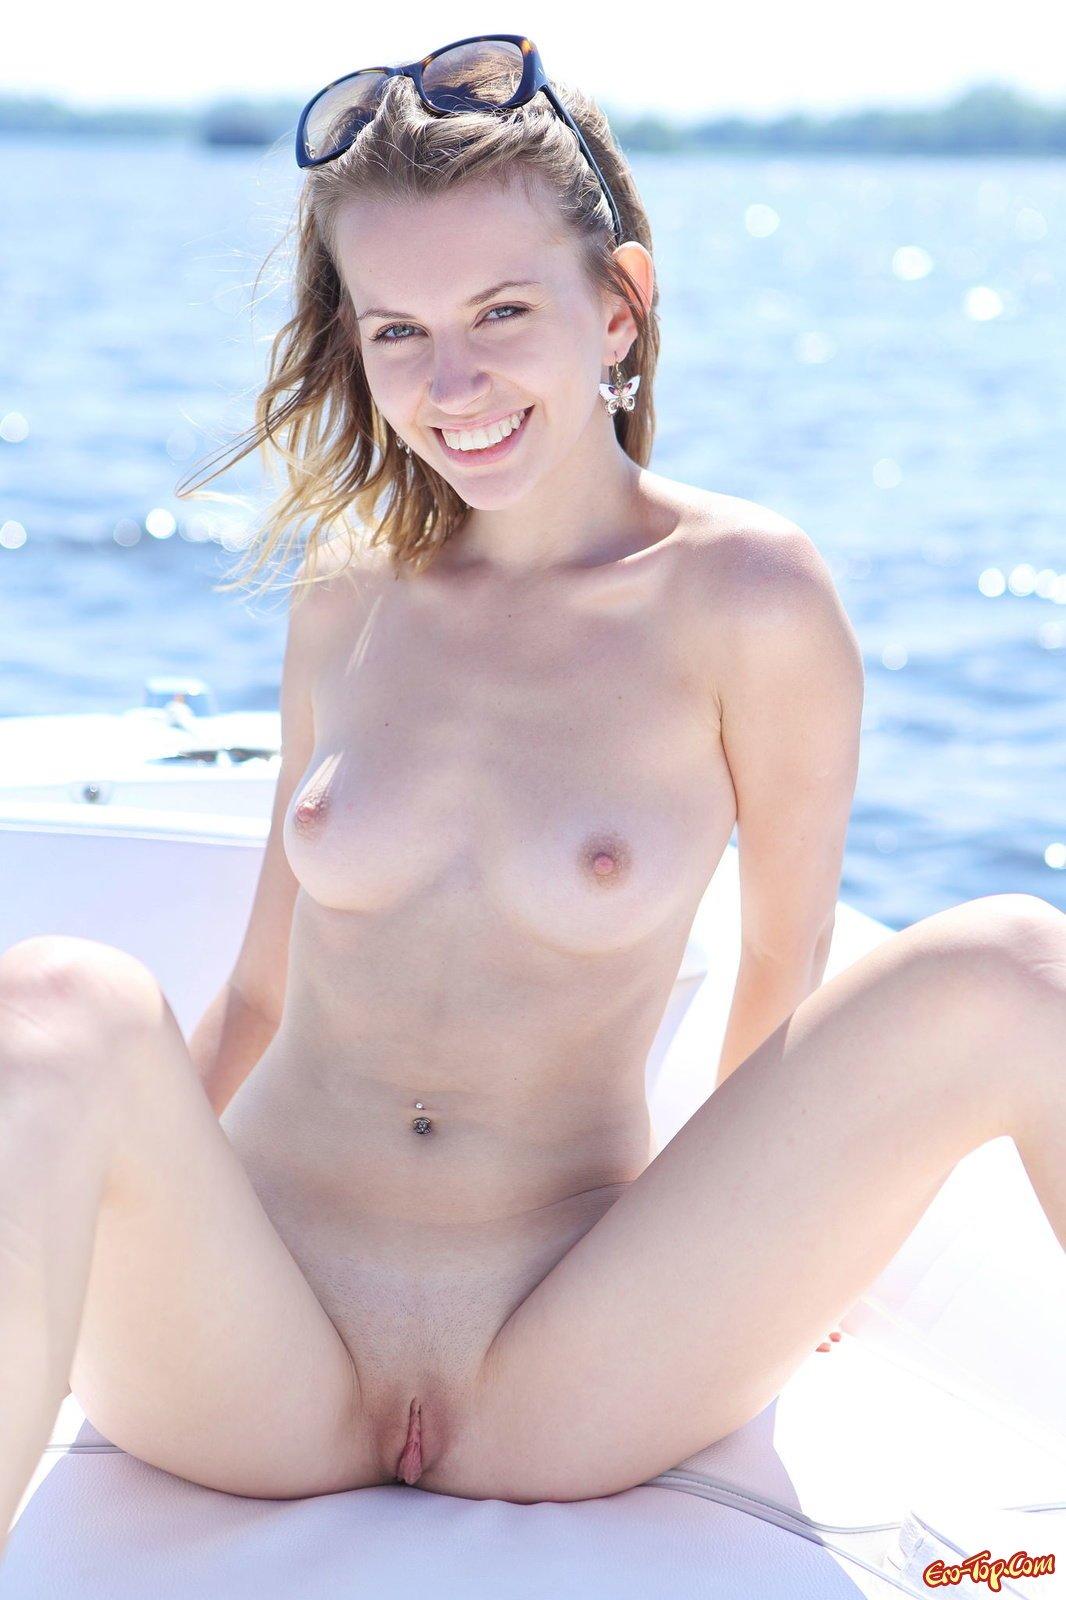 Голая девушка в надувной лодке